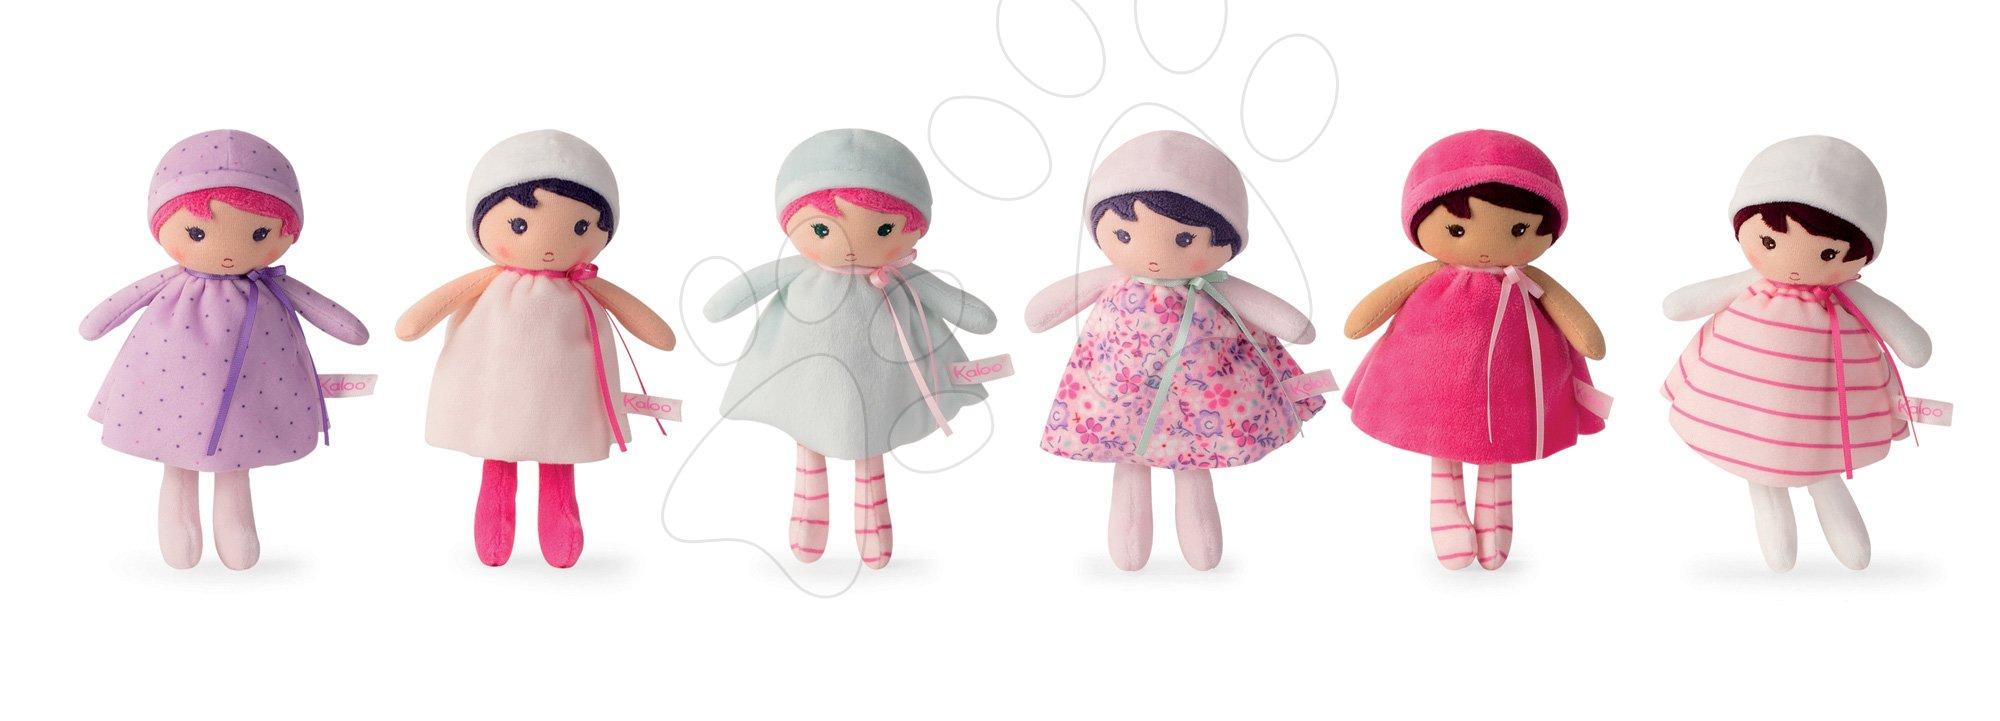 Set panenky pro miminka K Tendresse Kaloo 6 druhů (6 kusů) s výškou 18 cm